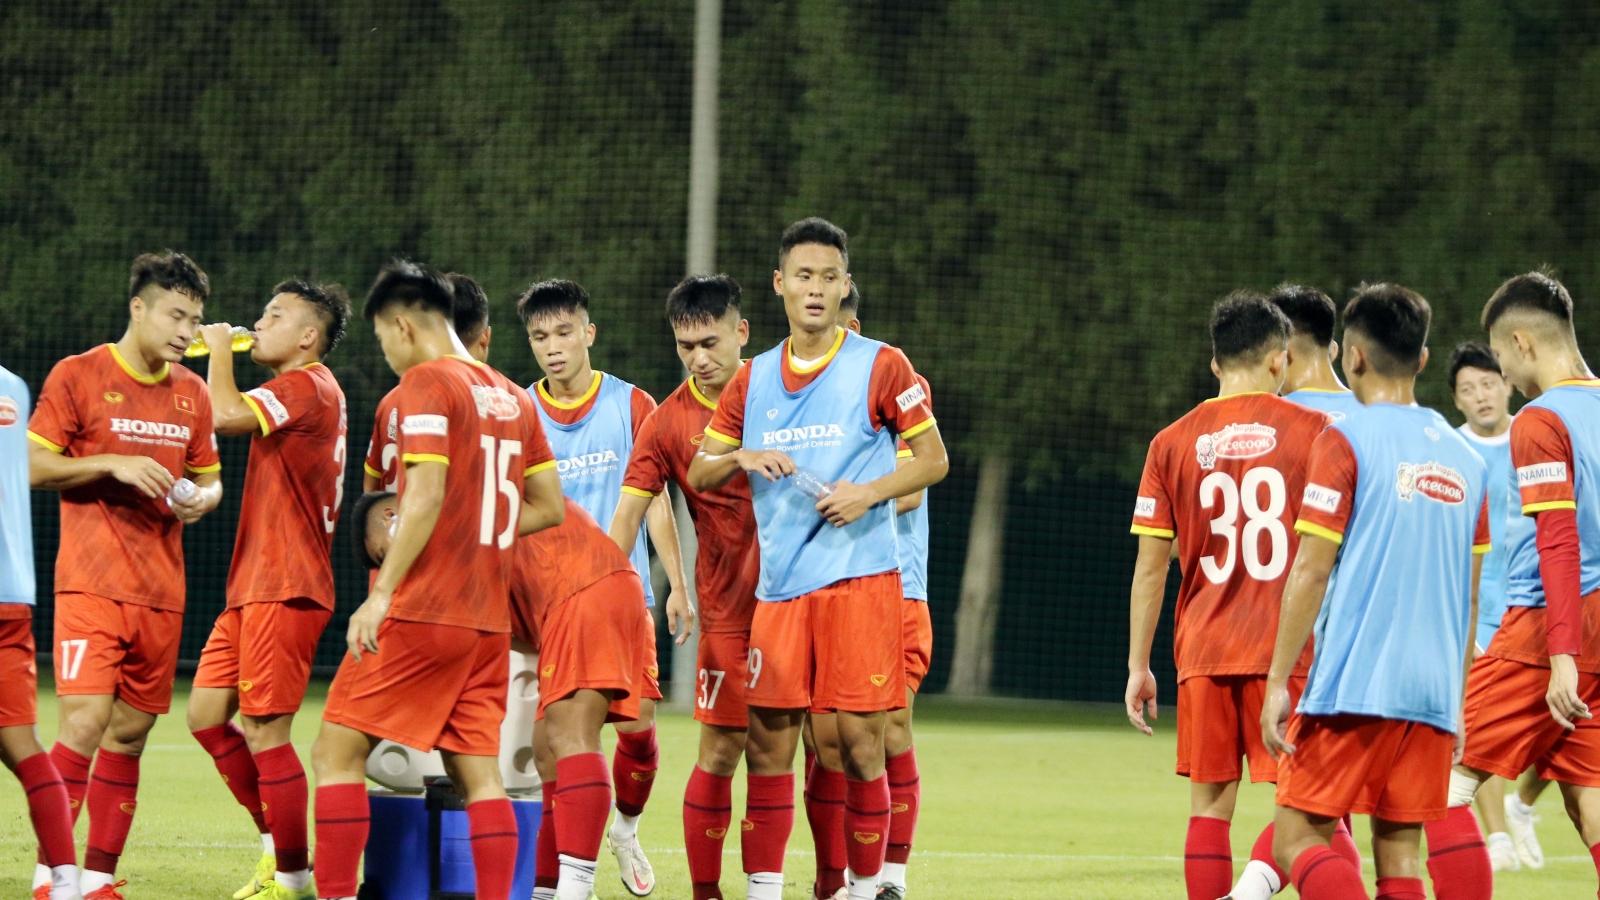 U23 Việt Nam tăng cường độ tập luyện, chờ đón thầy Park trở lại